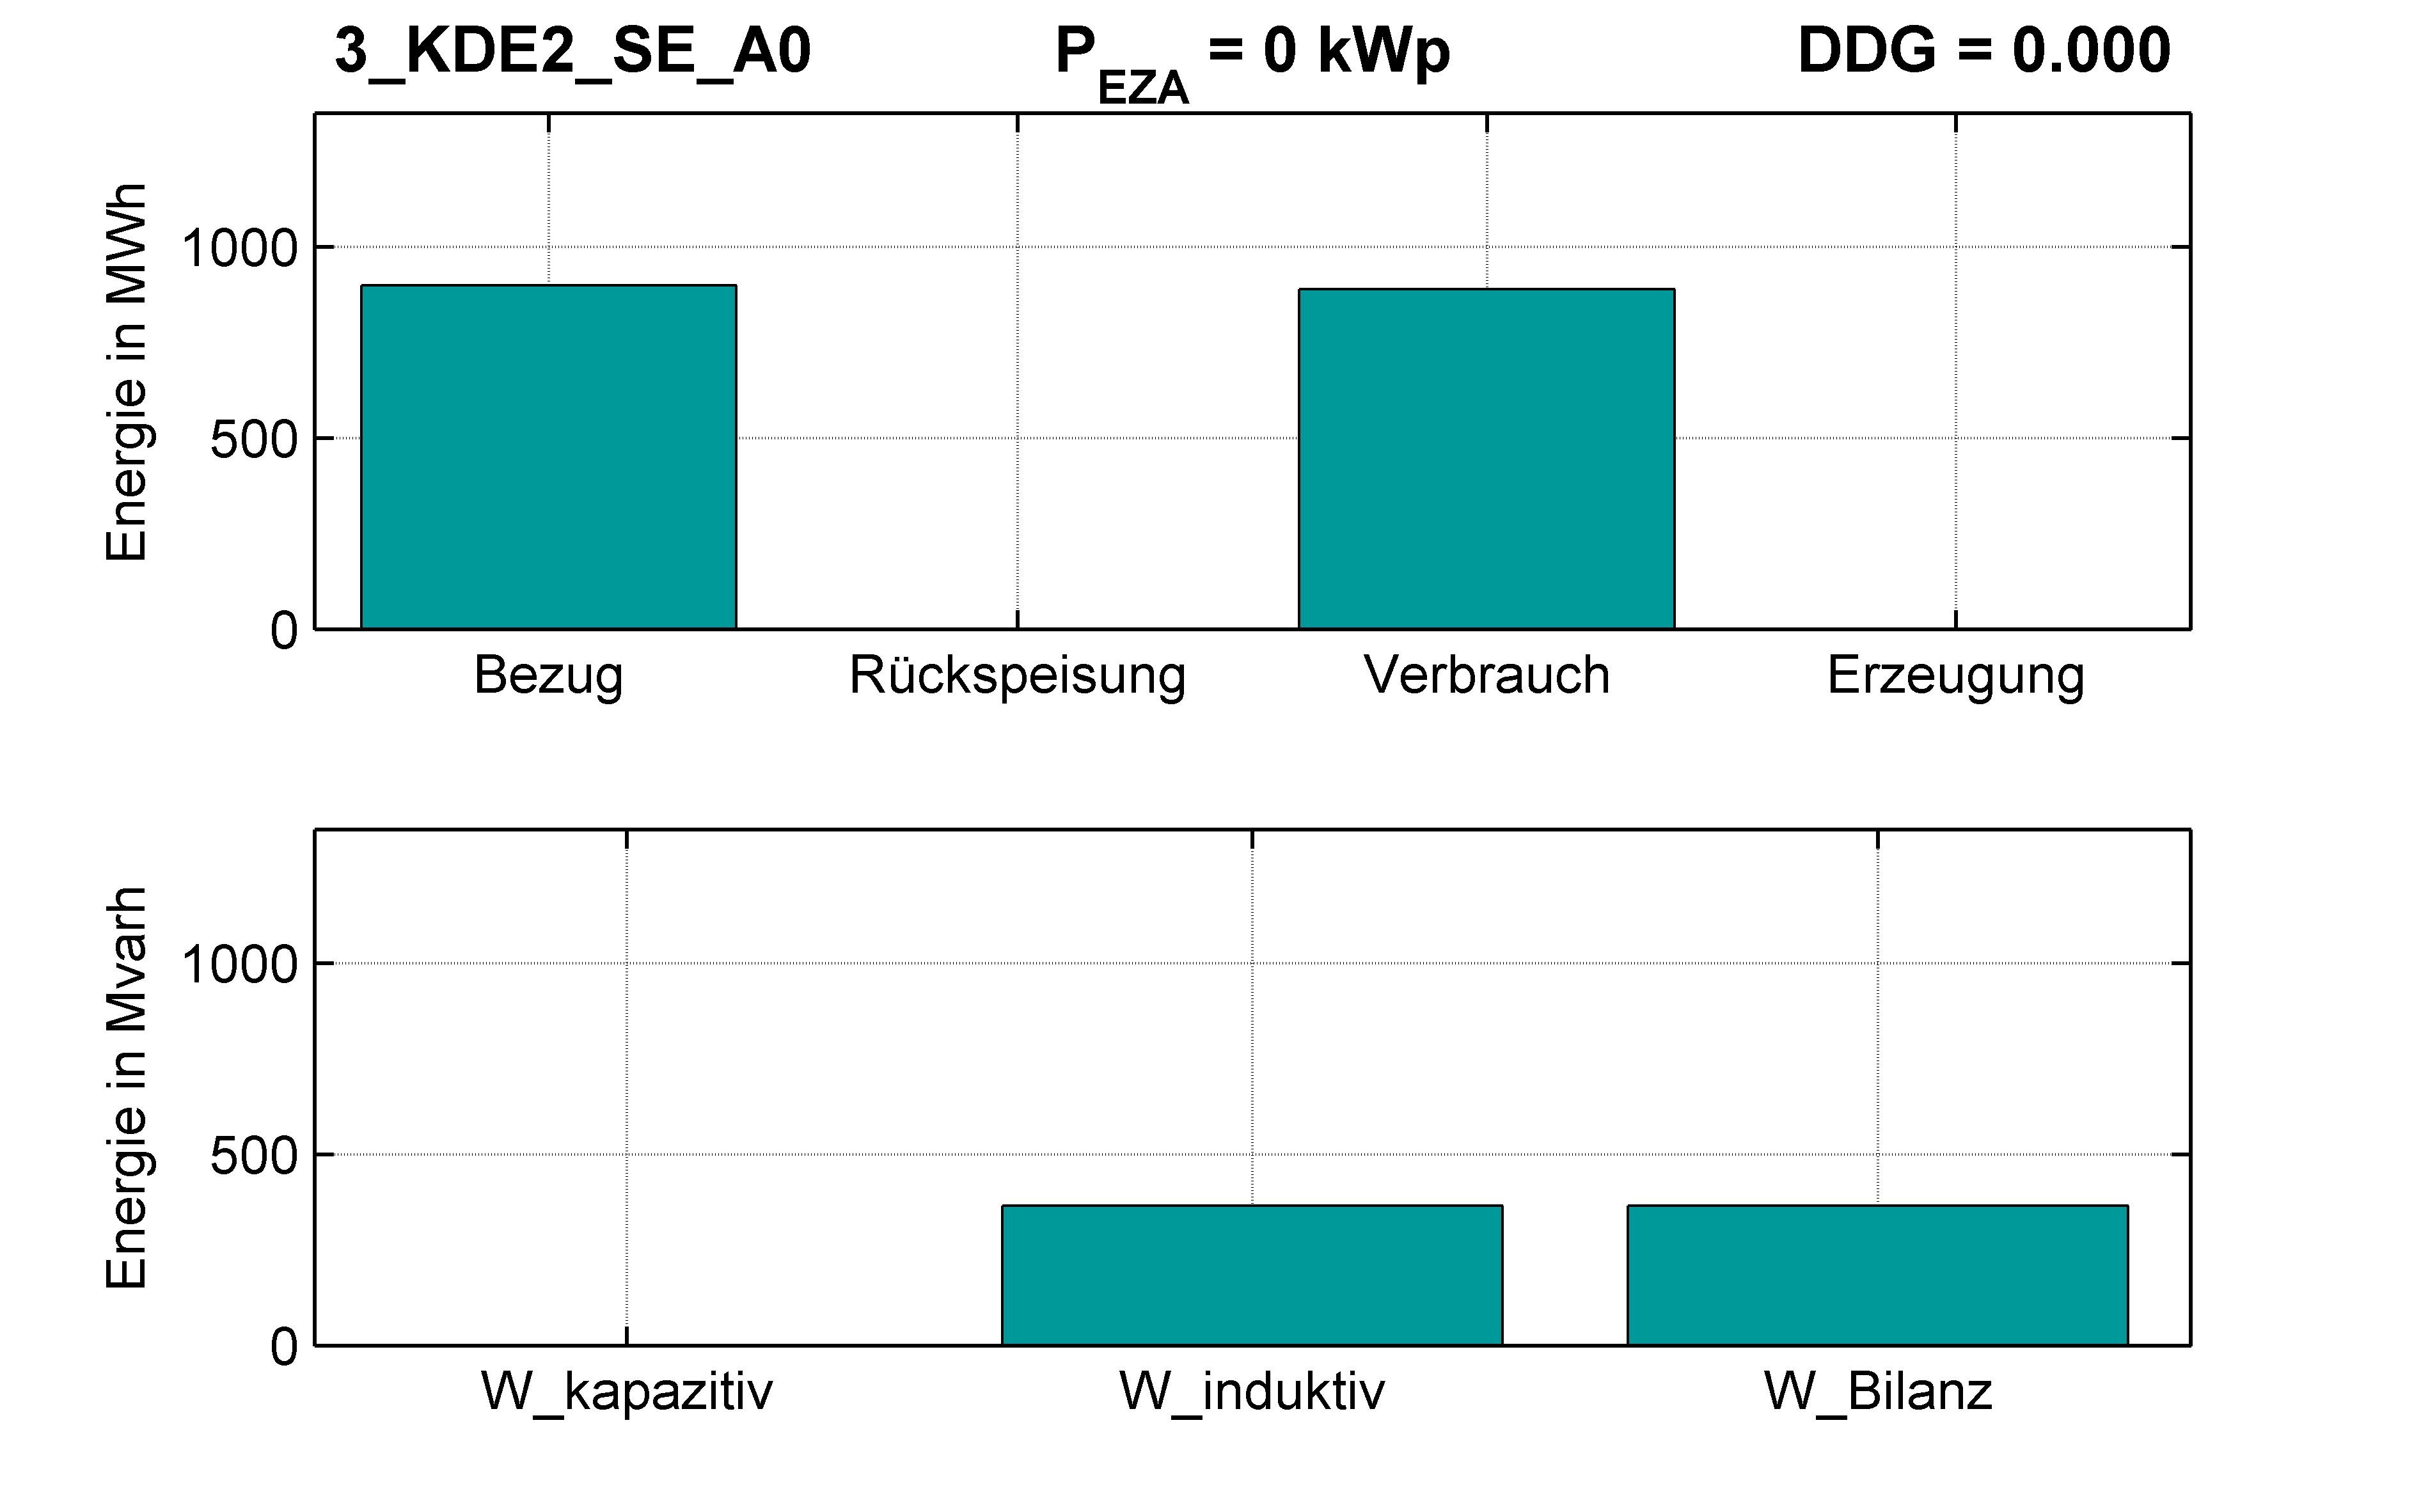 KDE2 | P-Kappung 70% (SE) A0 | PQ-Bilanz